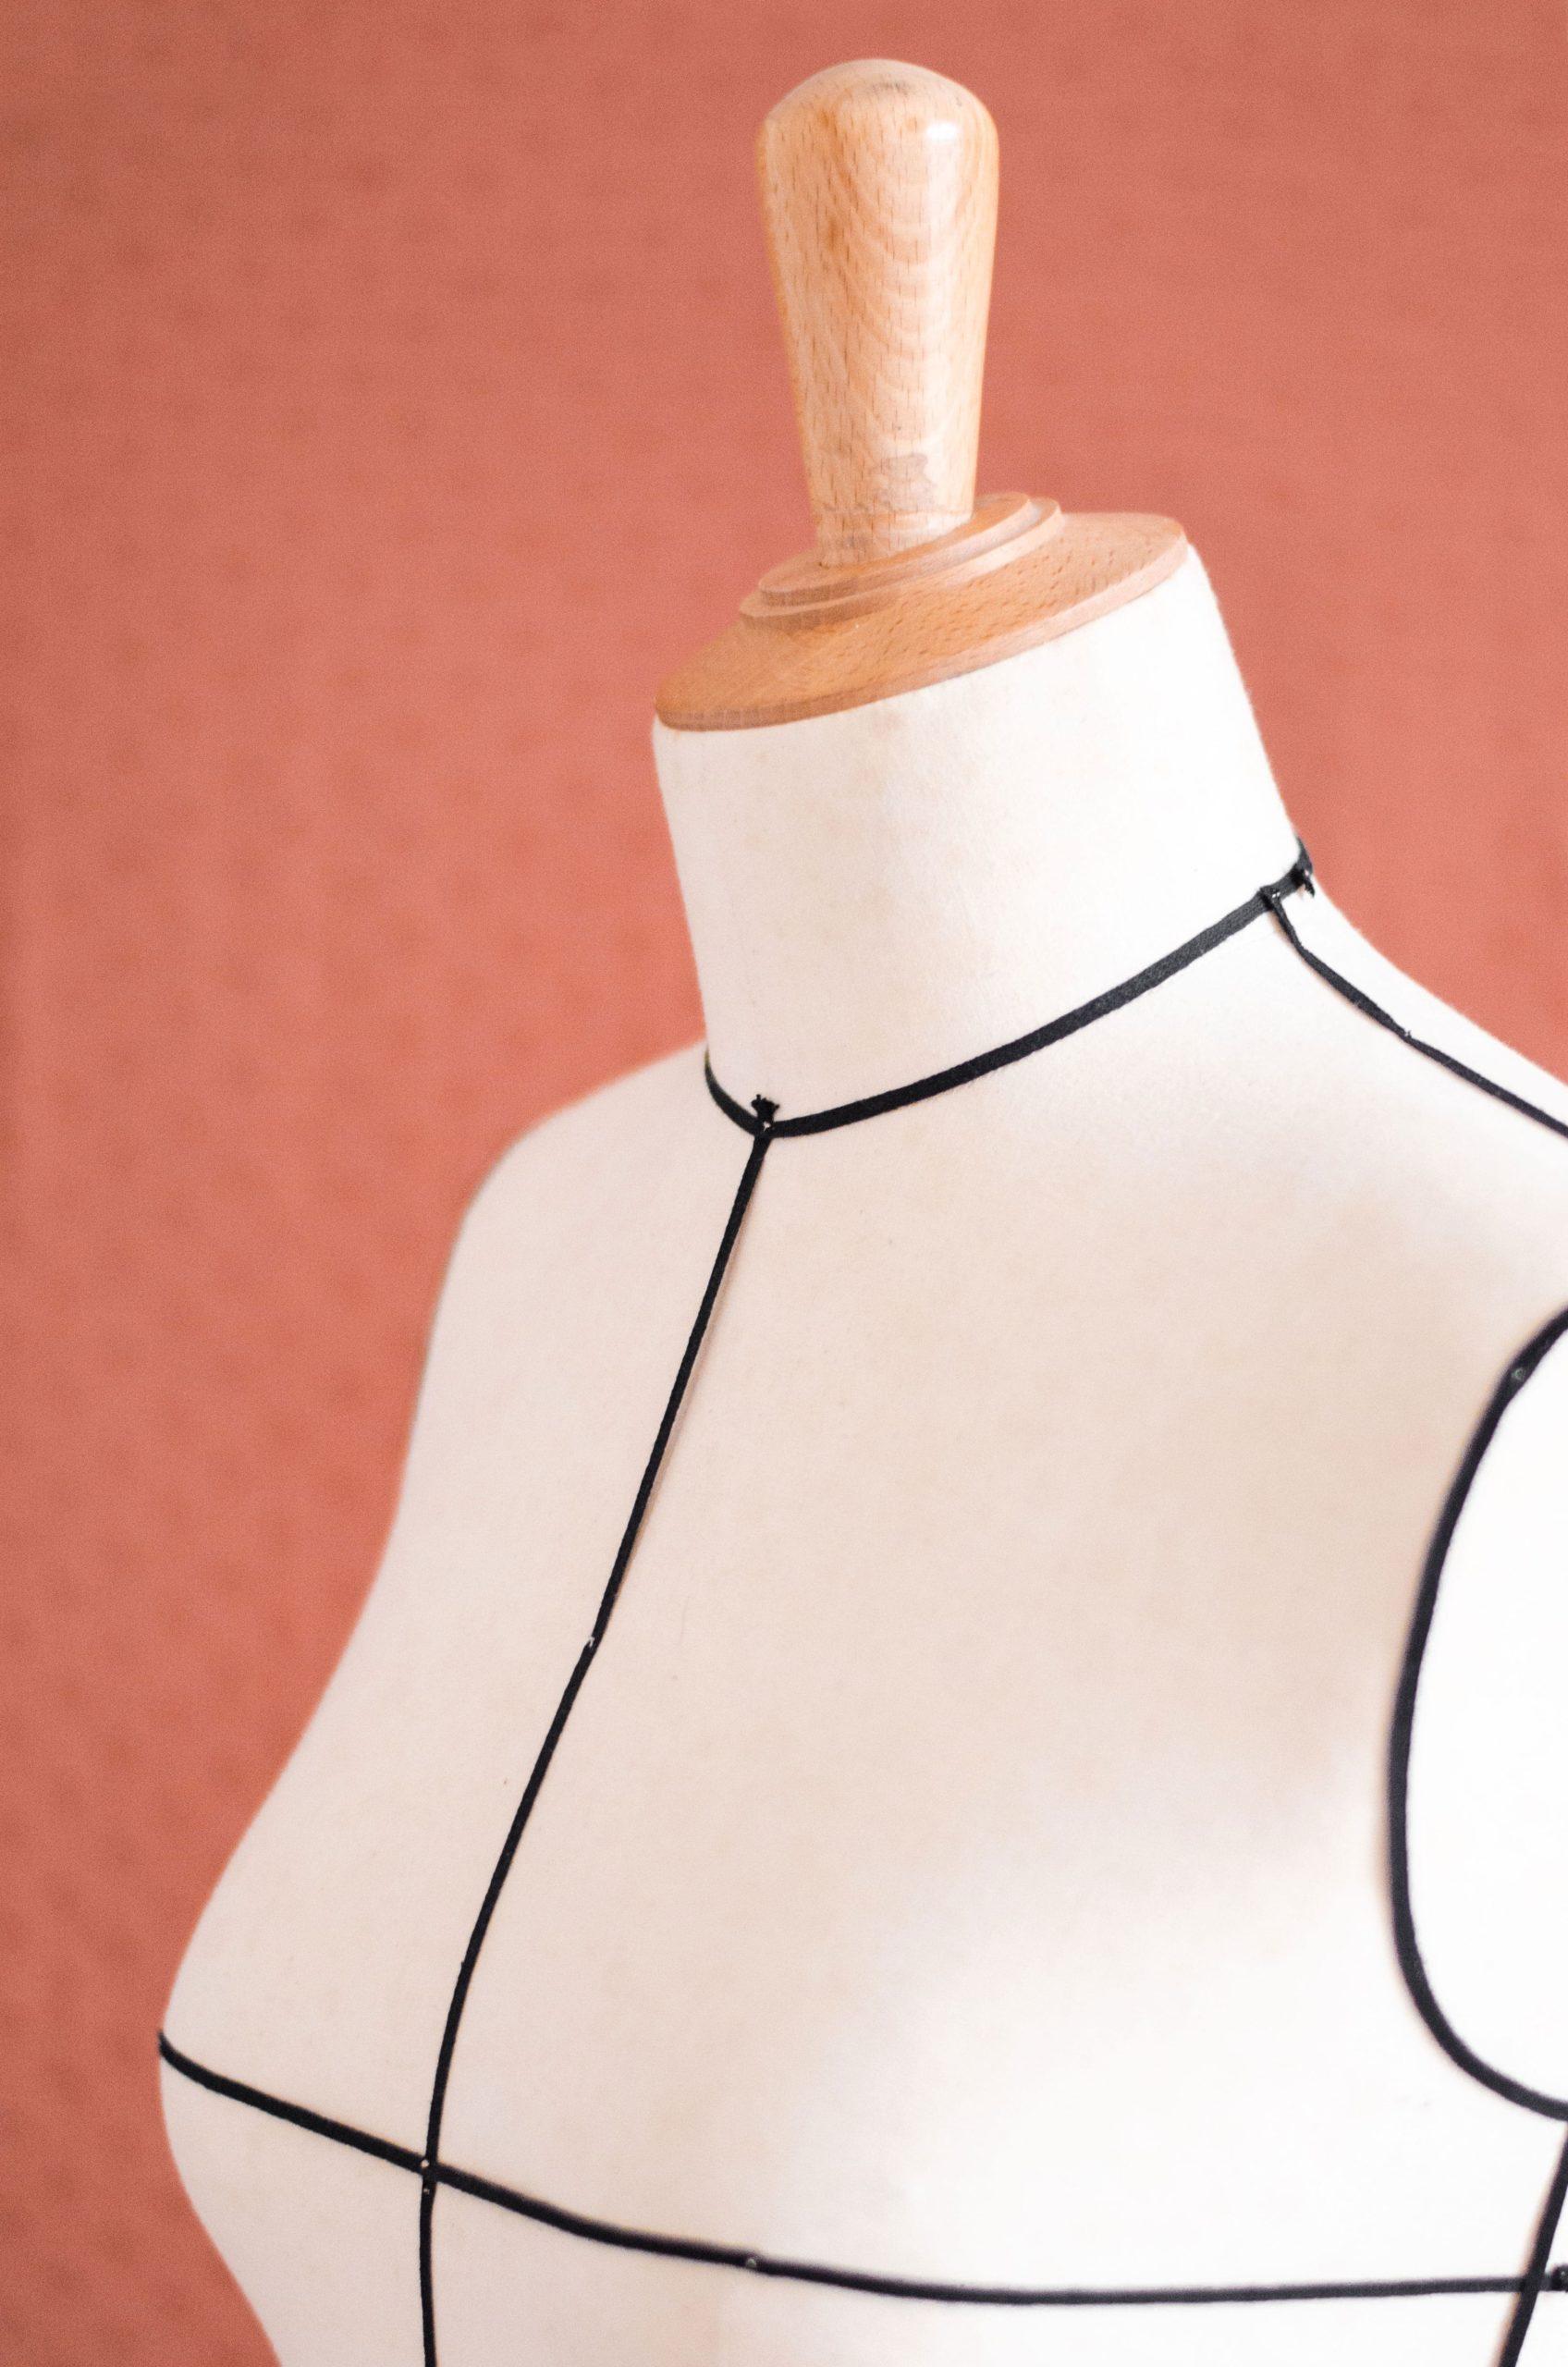 Mannequin réglable ou mannequin fixe : Lequel choisir ?